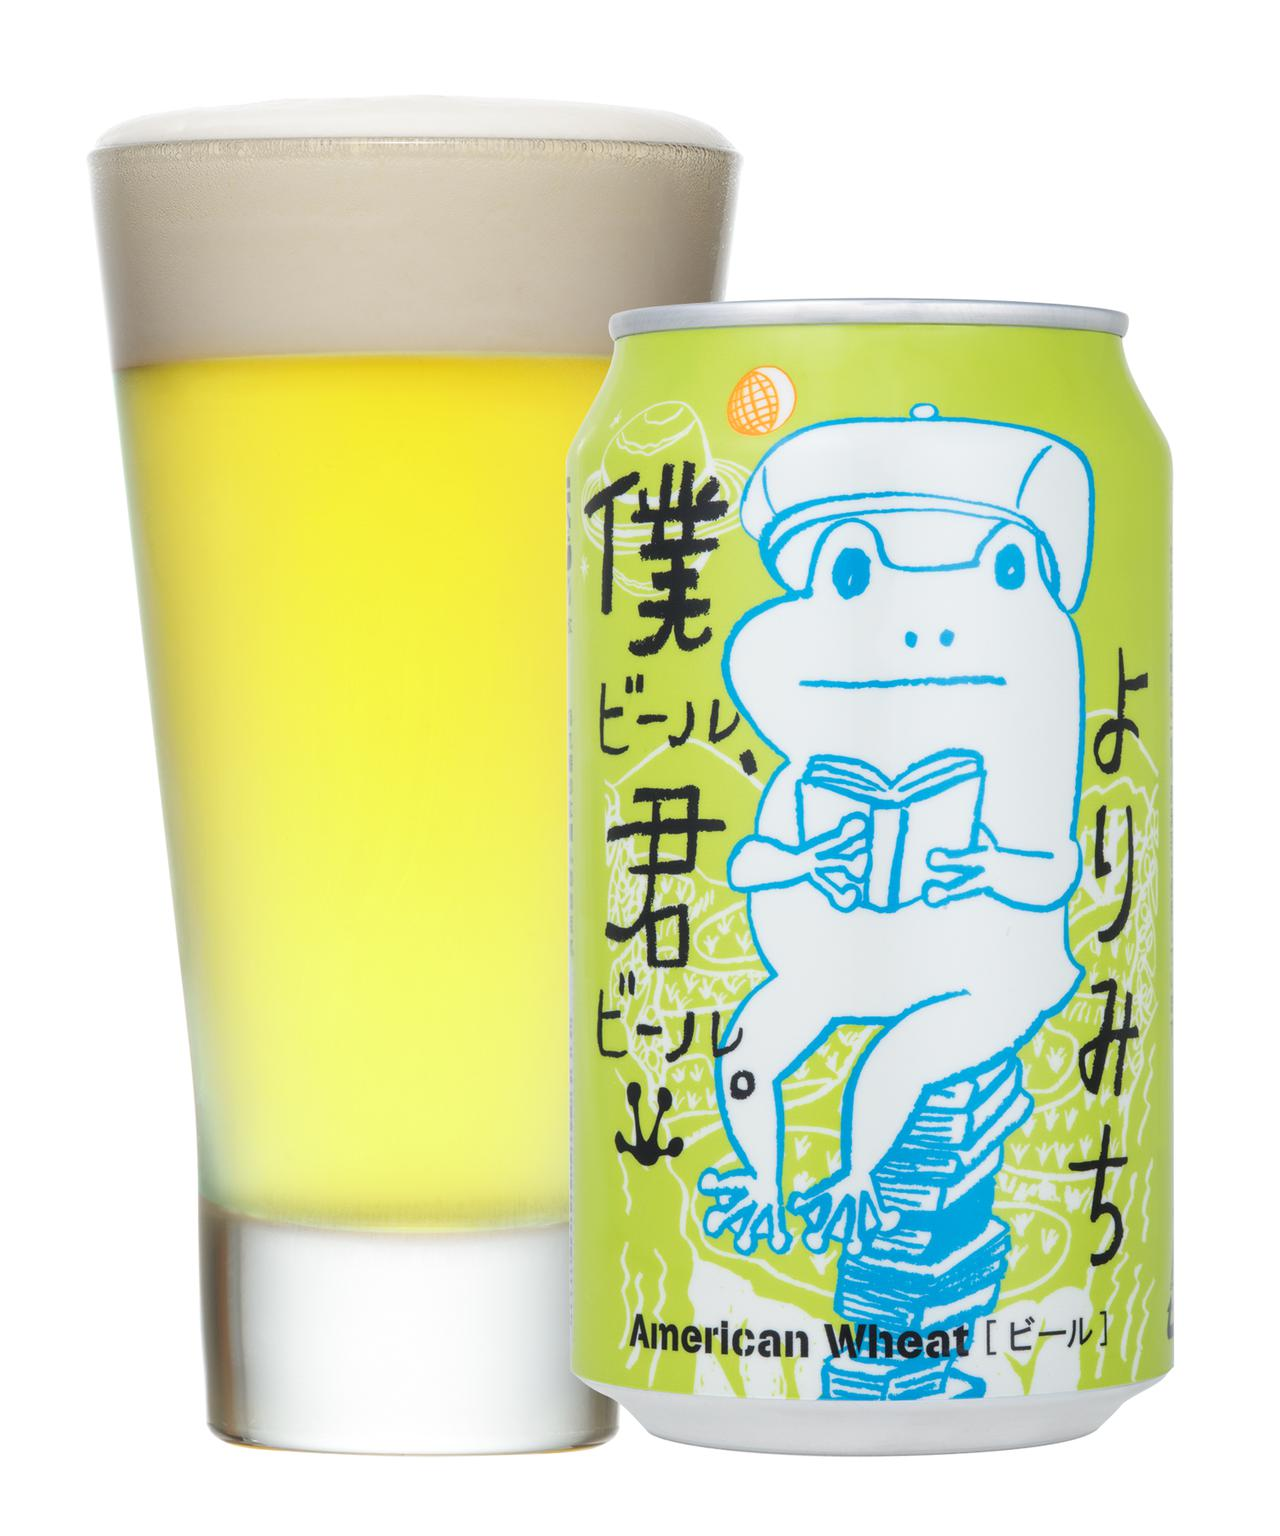 画像: 「 僕ビール君ビール よりみち 」 発売年:2016 年 ビアスタイル:アメリカンウィート 特徴:柑橘やパッションフルーツを思わせるホップの香りと、小麦麦芽を使用したことによる柔らかな口当たり。「晴れた日に寄り道したくなる気分」をイメージして香味を設計